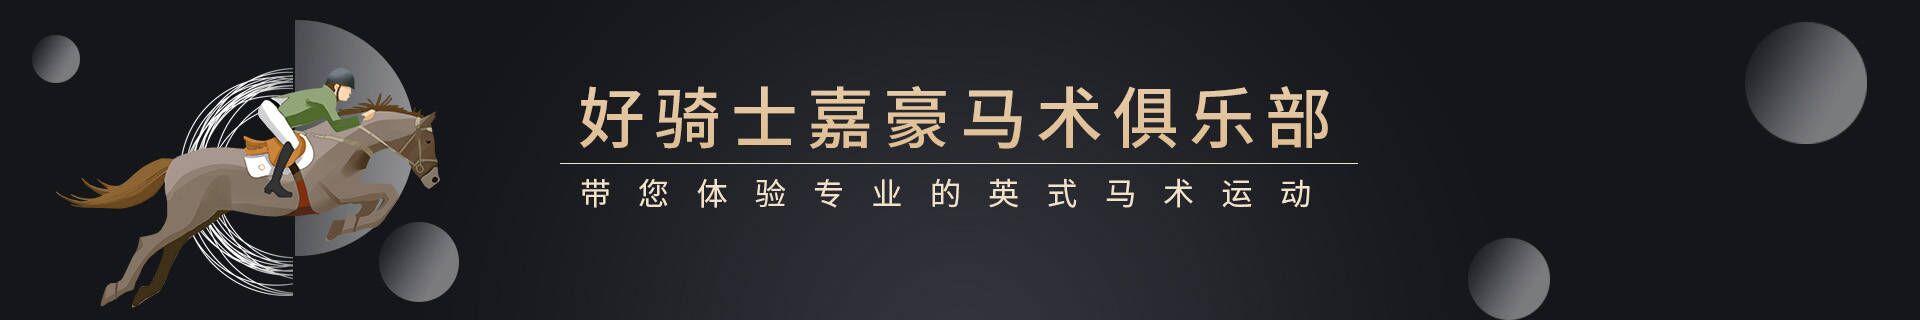 北京顺义好骑士嘉豪马术俱乐部